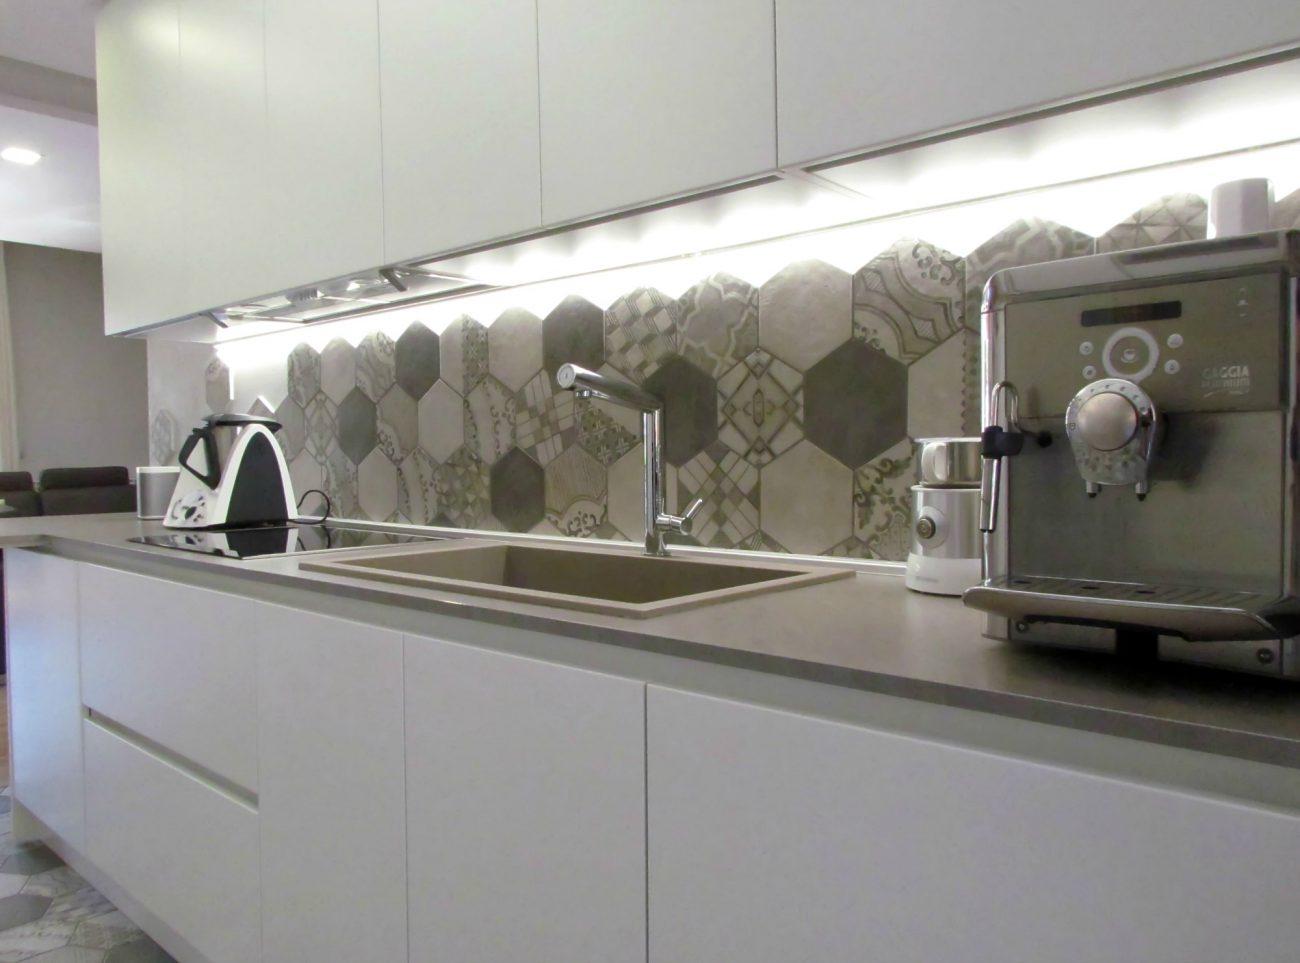 Il nuovo nido easyrelooking - Piastrelle esagonali cucina ...